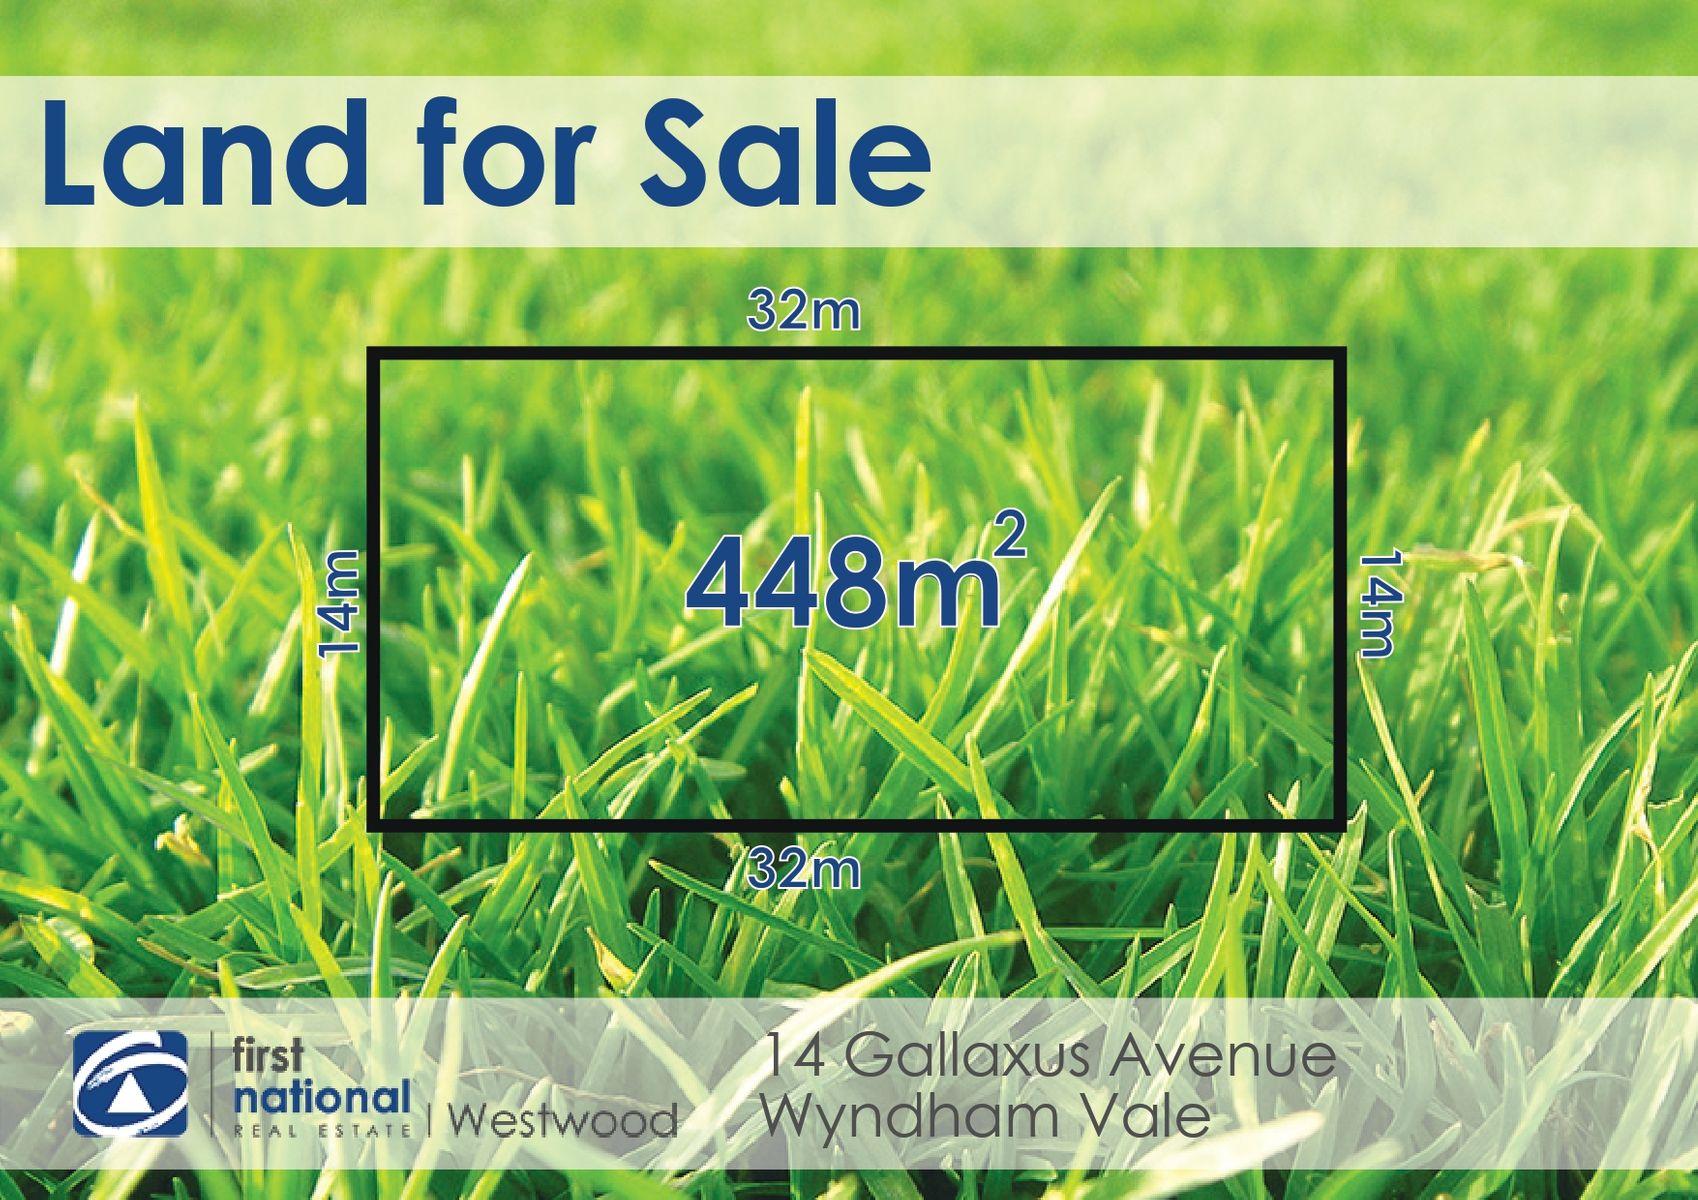 14 Gallaxus Avenue, Wyndham Vale, VIC 3024